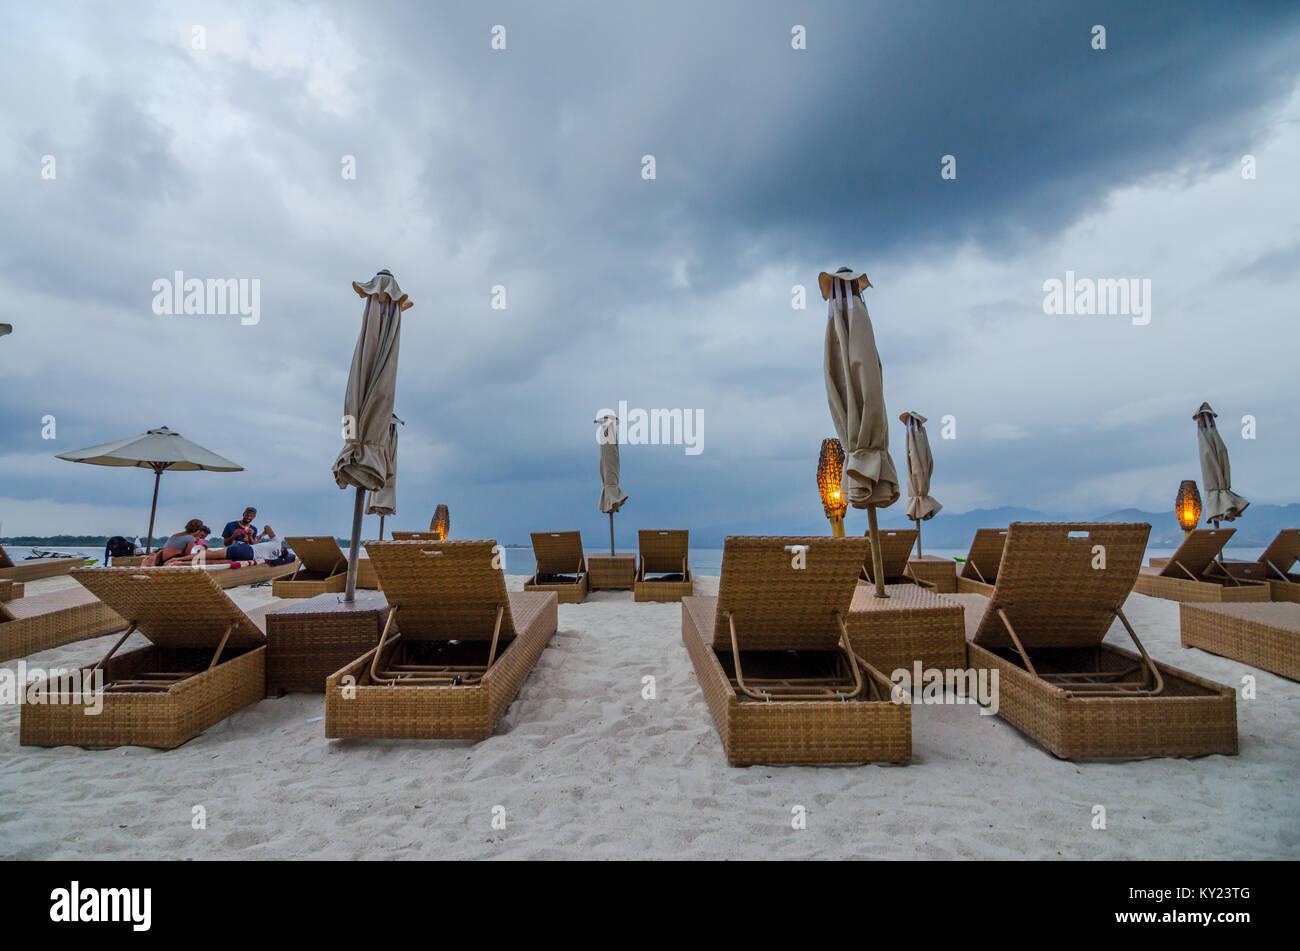 Splendida spiaggia a Gili Trawangan, o semplicemente Gili T, è la più grande delle tre isole Gili off Lombok. L'isola Foto Stock